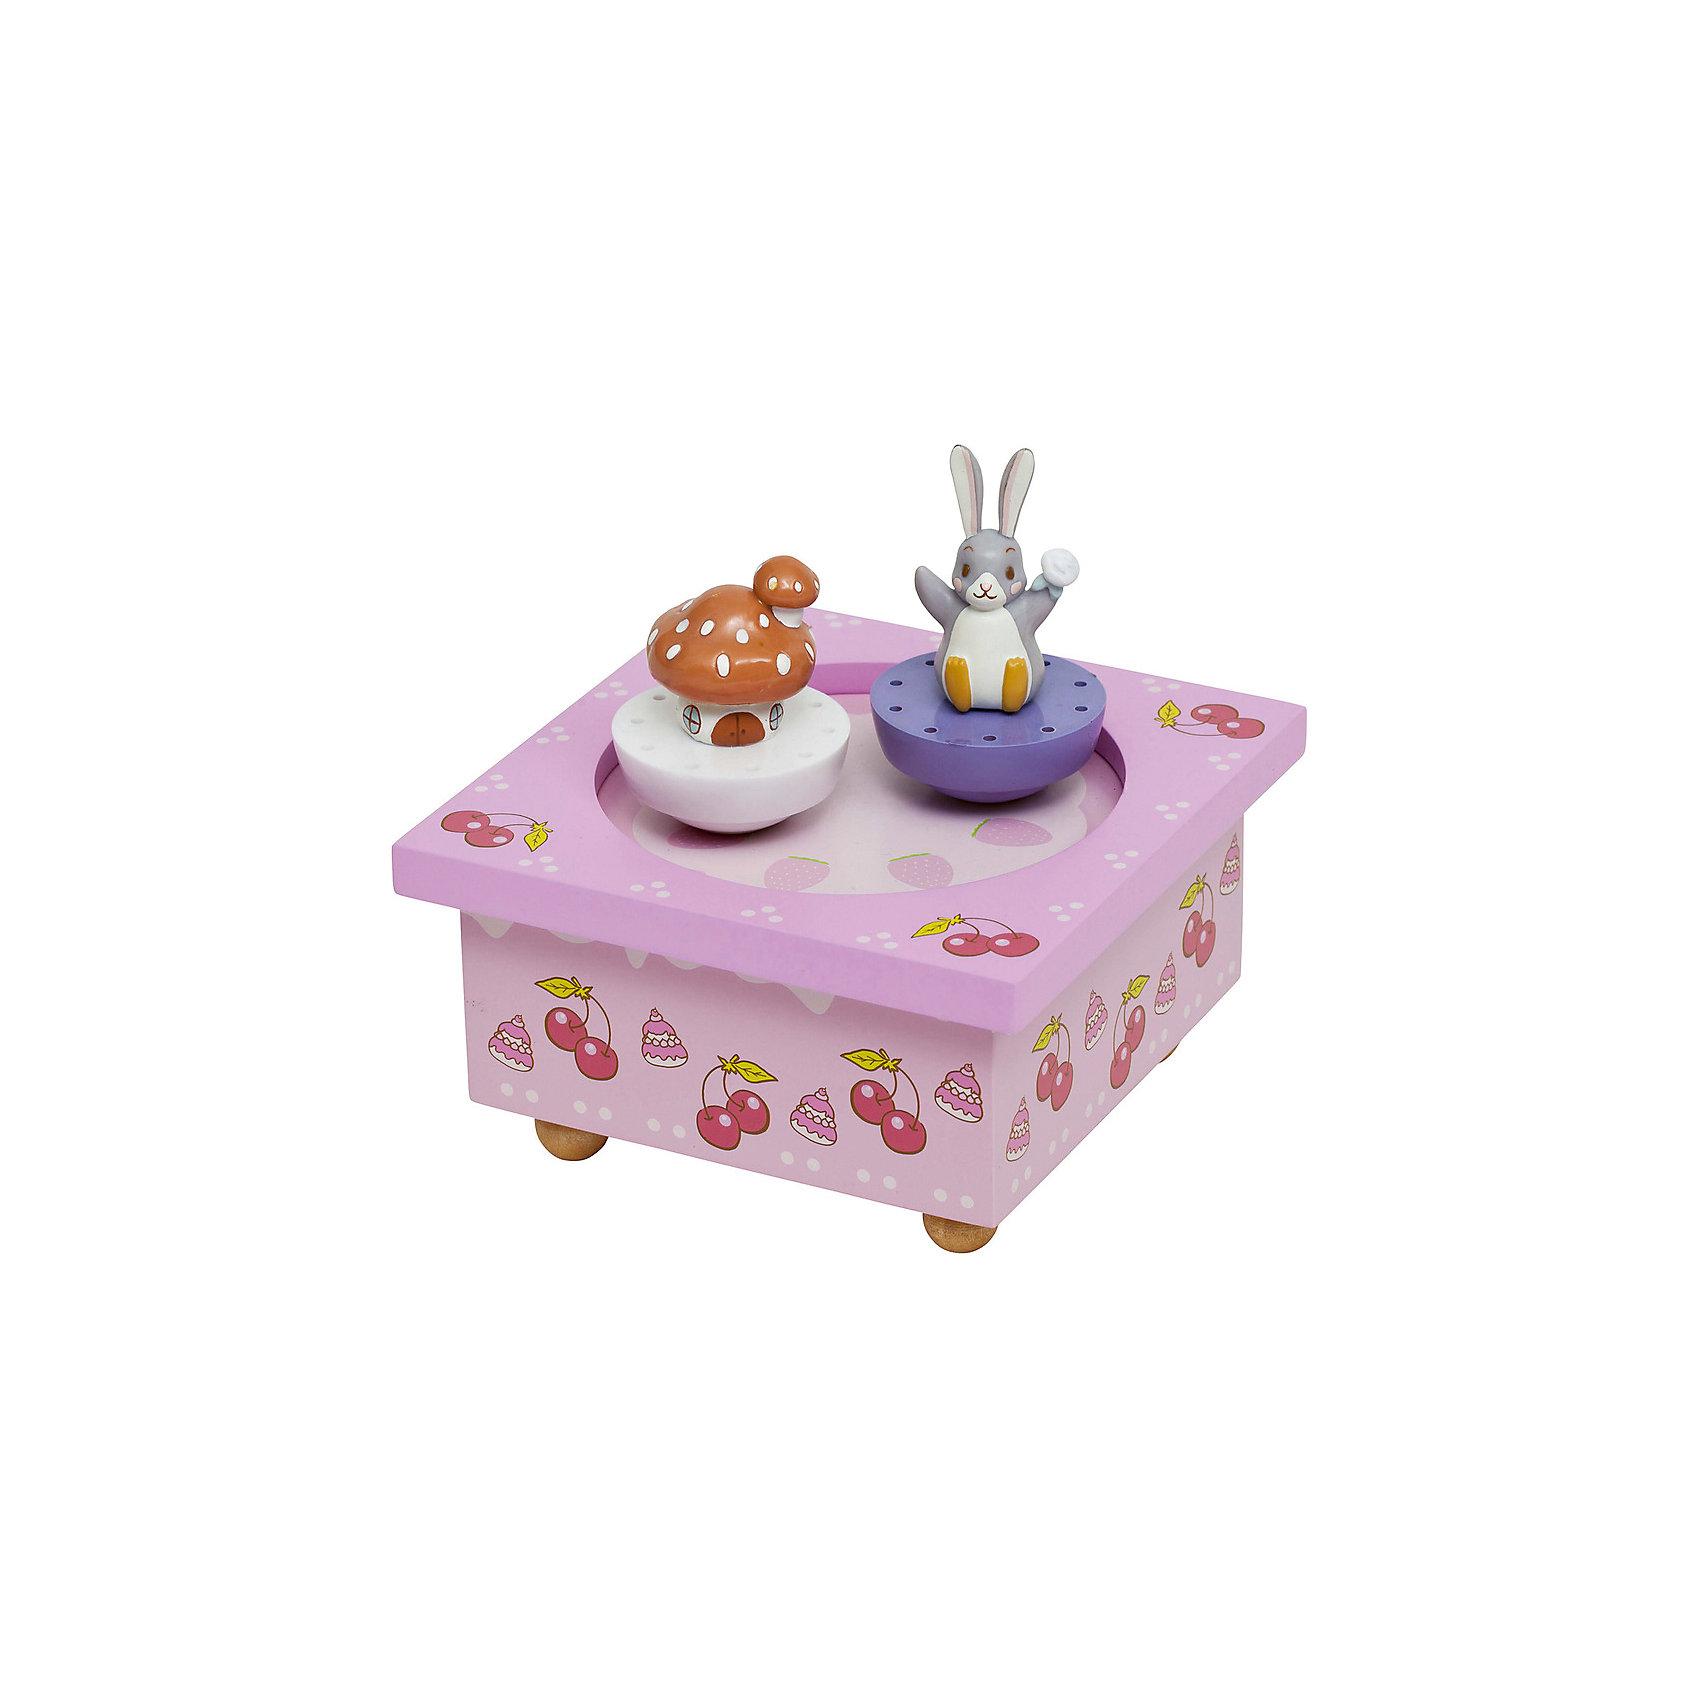 Музыкальная шкатулка Lapingouin©&#13;, TrousselierПредметы интерьера<br>Музыкальная шкатулка Lapingouin©&#13;, Trousselier<br><br>ВНИМАНИЕ! Шкатулка предназначена для декора комнаты, она не открывается и хранить в ней разные мелочи и бижутерию невозможно.<br><br>Какая девочка не мечтает о музыкальной шкатулке? Подарите девочке настоящую музыкальную шкатулку с заводным механизмом от французской компании Trousselier. Шкатулка проигрывает приятную мелодию, заводится с помощью ключика.<br>Она выглядит очень красиво - на ней симпатичные фигурки, которые кружатся при проигрывании мелодии. Шкатулка упакована в подарочную коробку производителя. Изделие произведено из высококачественных материалов, и соответствует европейским стандартам безопасности.<br><br>Дополнительная информация:<br><br>цвет: разноцветный;<br>материал: дерево;<br>подарочная упаковка;<br>заводной механизм;<br>размер: 11 х 11 х 7 см.<br><br>Музыкальную шкатулку Lapingouin© от французской компании Trousselier можно купить в нашем магазине.<br><br>Ширина мм: 114<br>Глубина мм: 114<br>Высота мм: 70<br>Вес г: 380<br>Возраст от месяцев: 12<br>Возраст до месяцев: 216<br>Пол: Женский<br>Возраст: Детский<br>SKU: 4961876